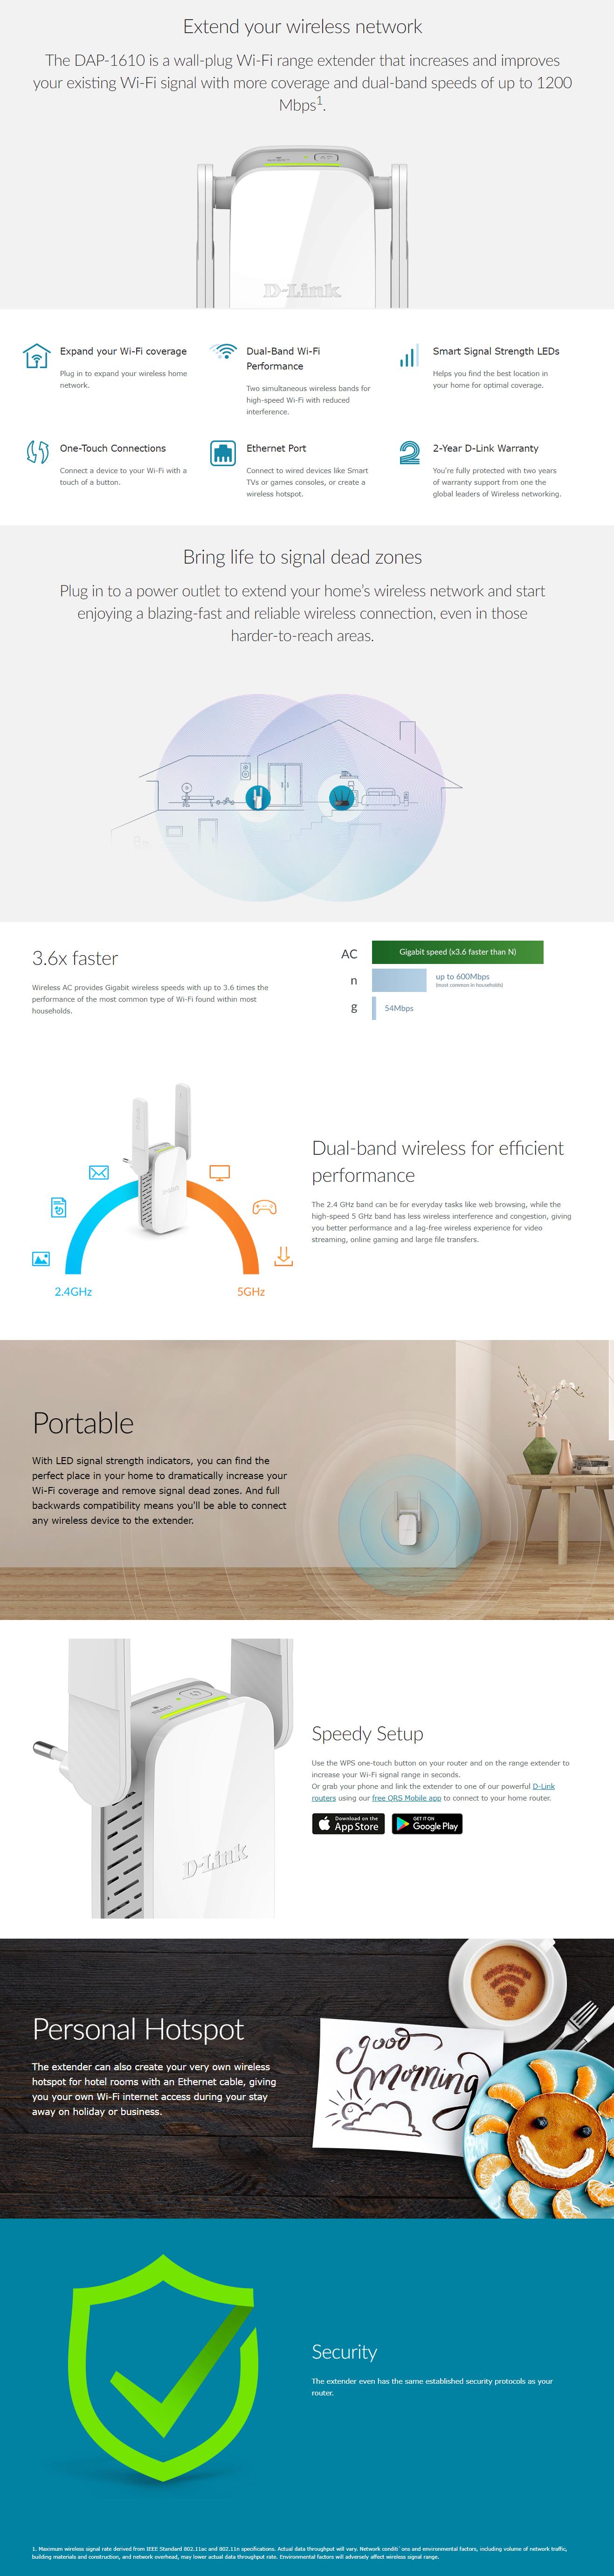 D-Link, AC1200 WiFi Range Extender, DAP‑1610 | NewEtrend com